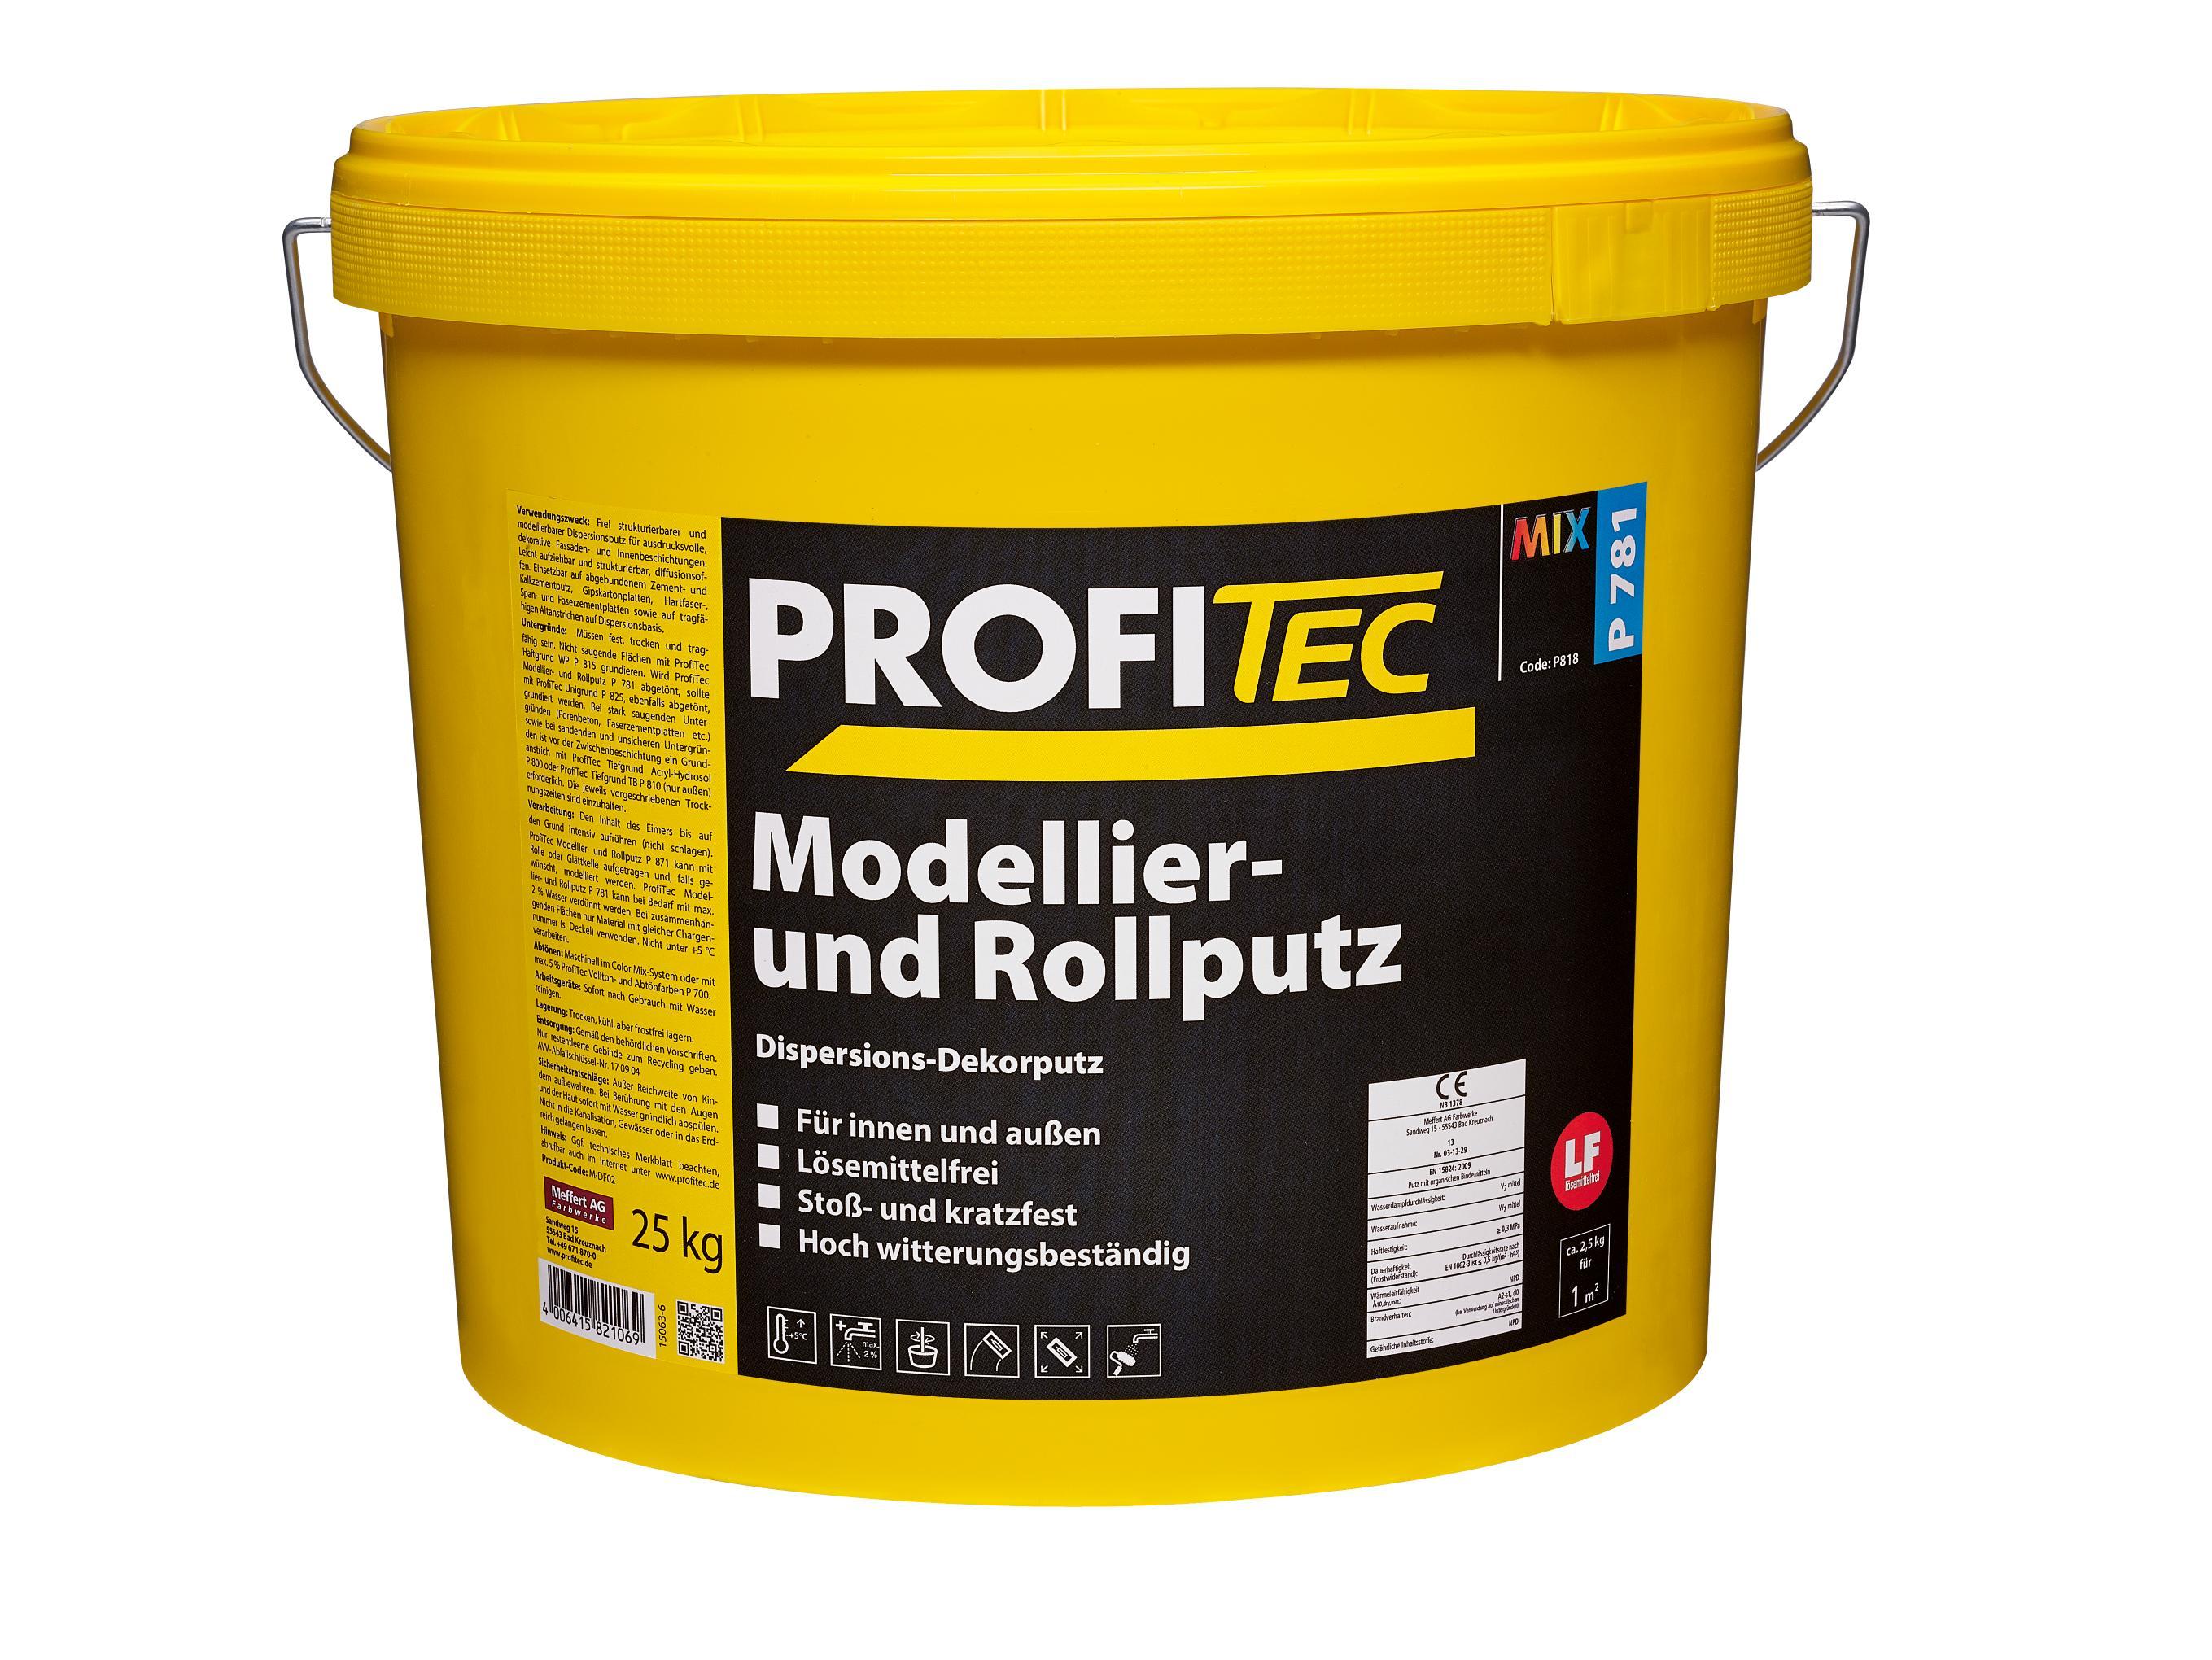 Beliebt P 781 Modellier- und Rollputz FE67